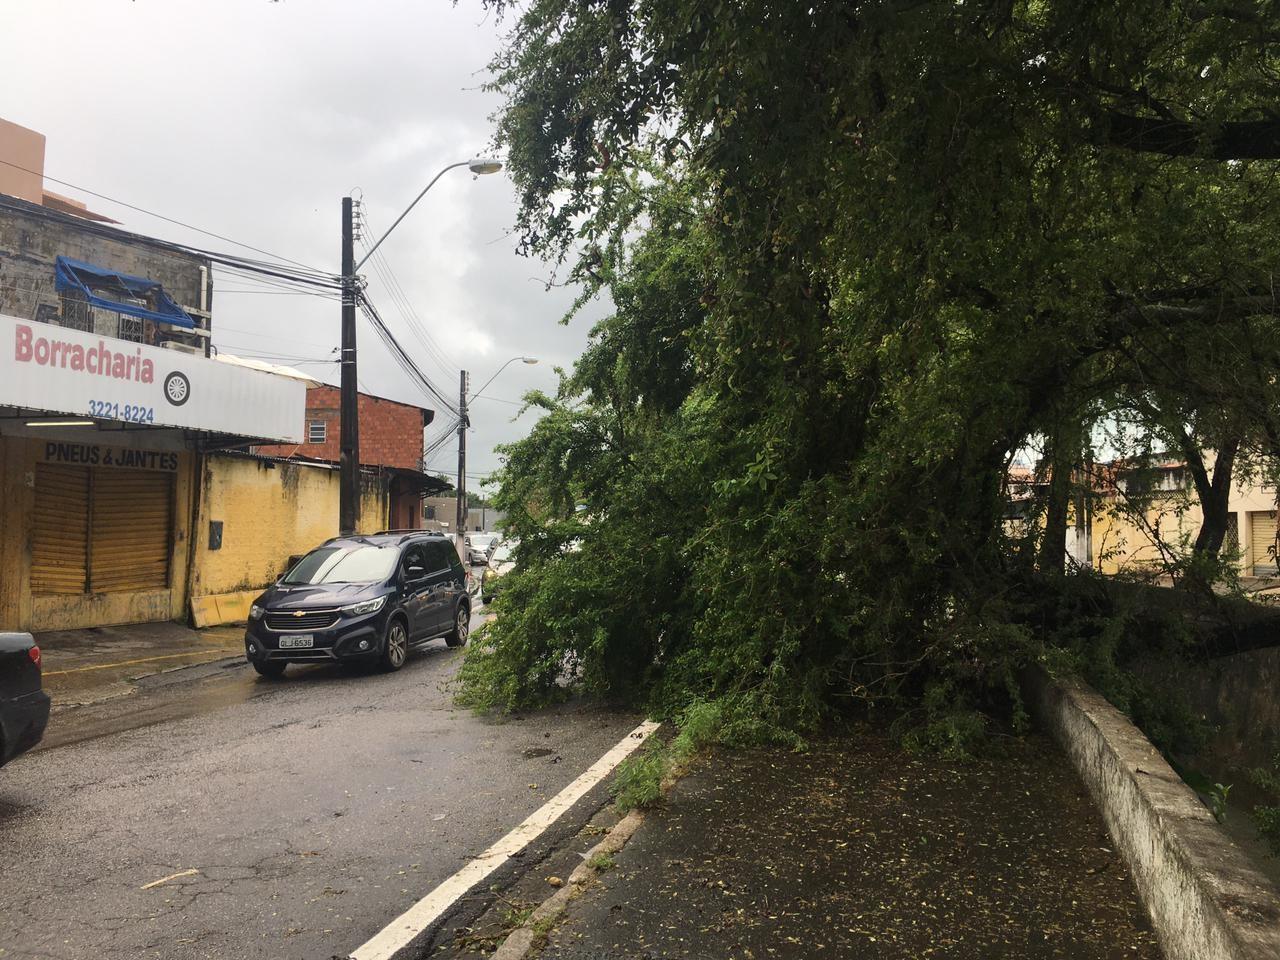 Árvore cai e bloqueia parte de avenida no bairro do Poço, em Maceió